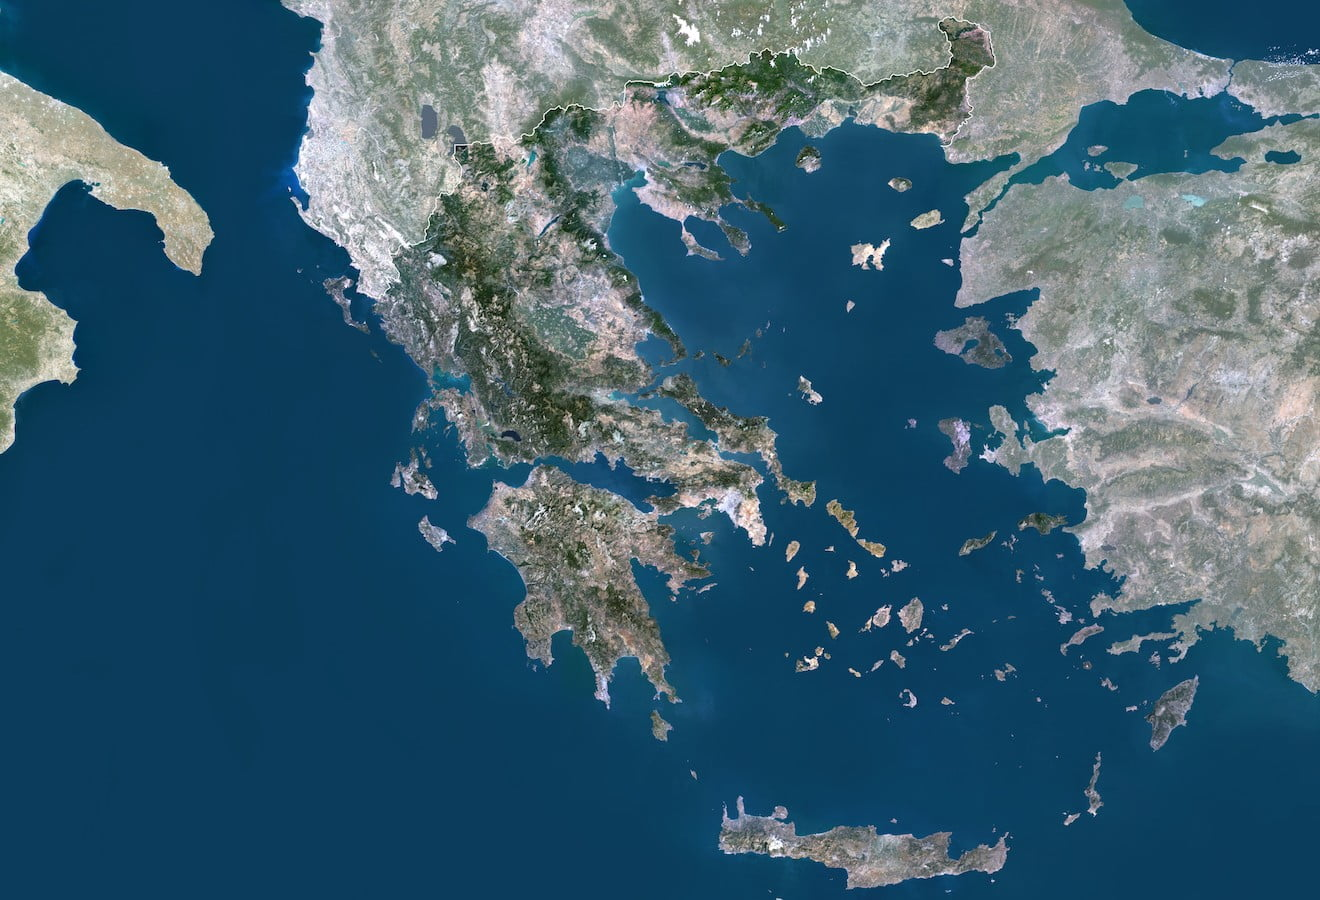 """Μια σύντομη θεώρηση για τα επόμενα """"χτυπήματα"""" της Τουρκίας – μια άμεση ανταπάντηση από την Ελλάδα"""